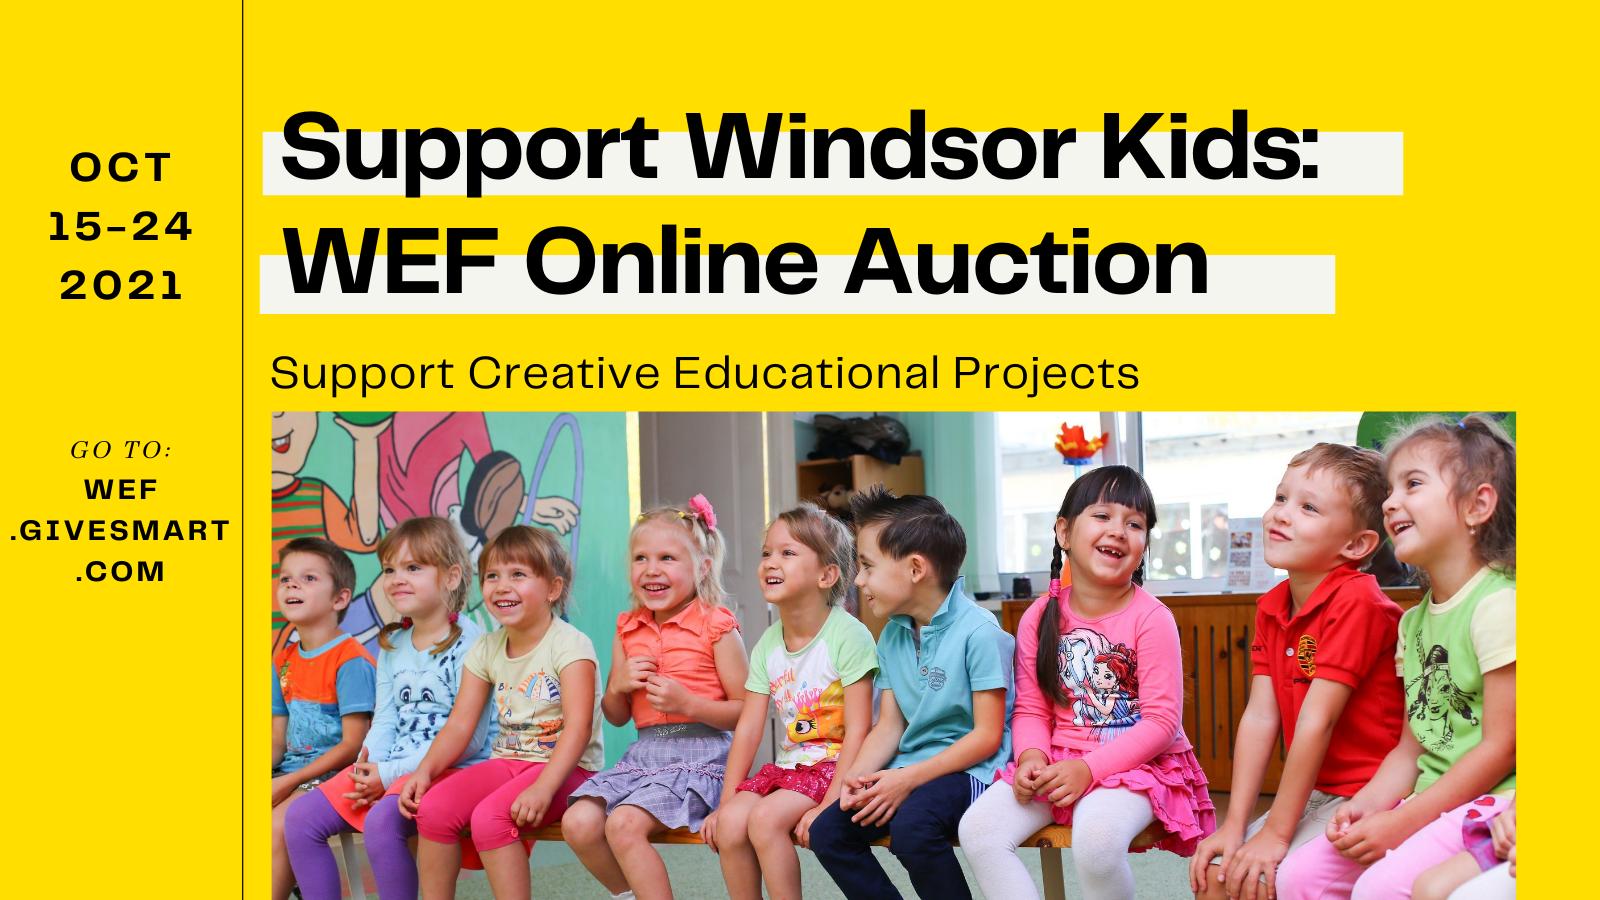 wef online auction for windsor kids